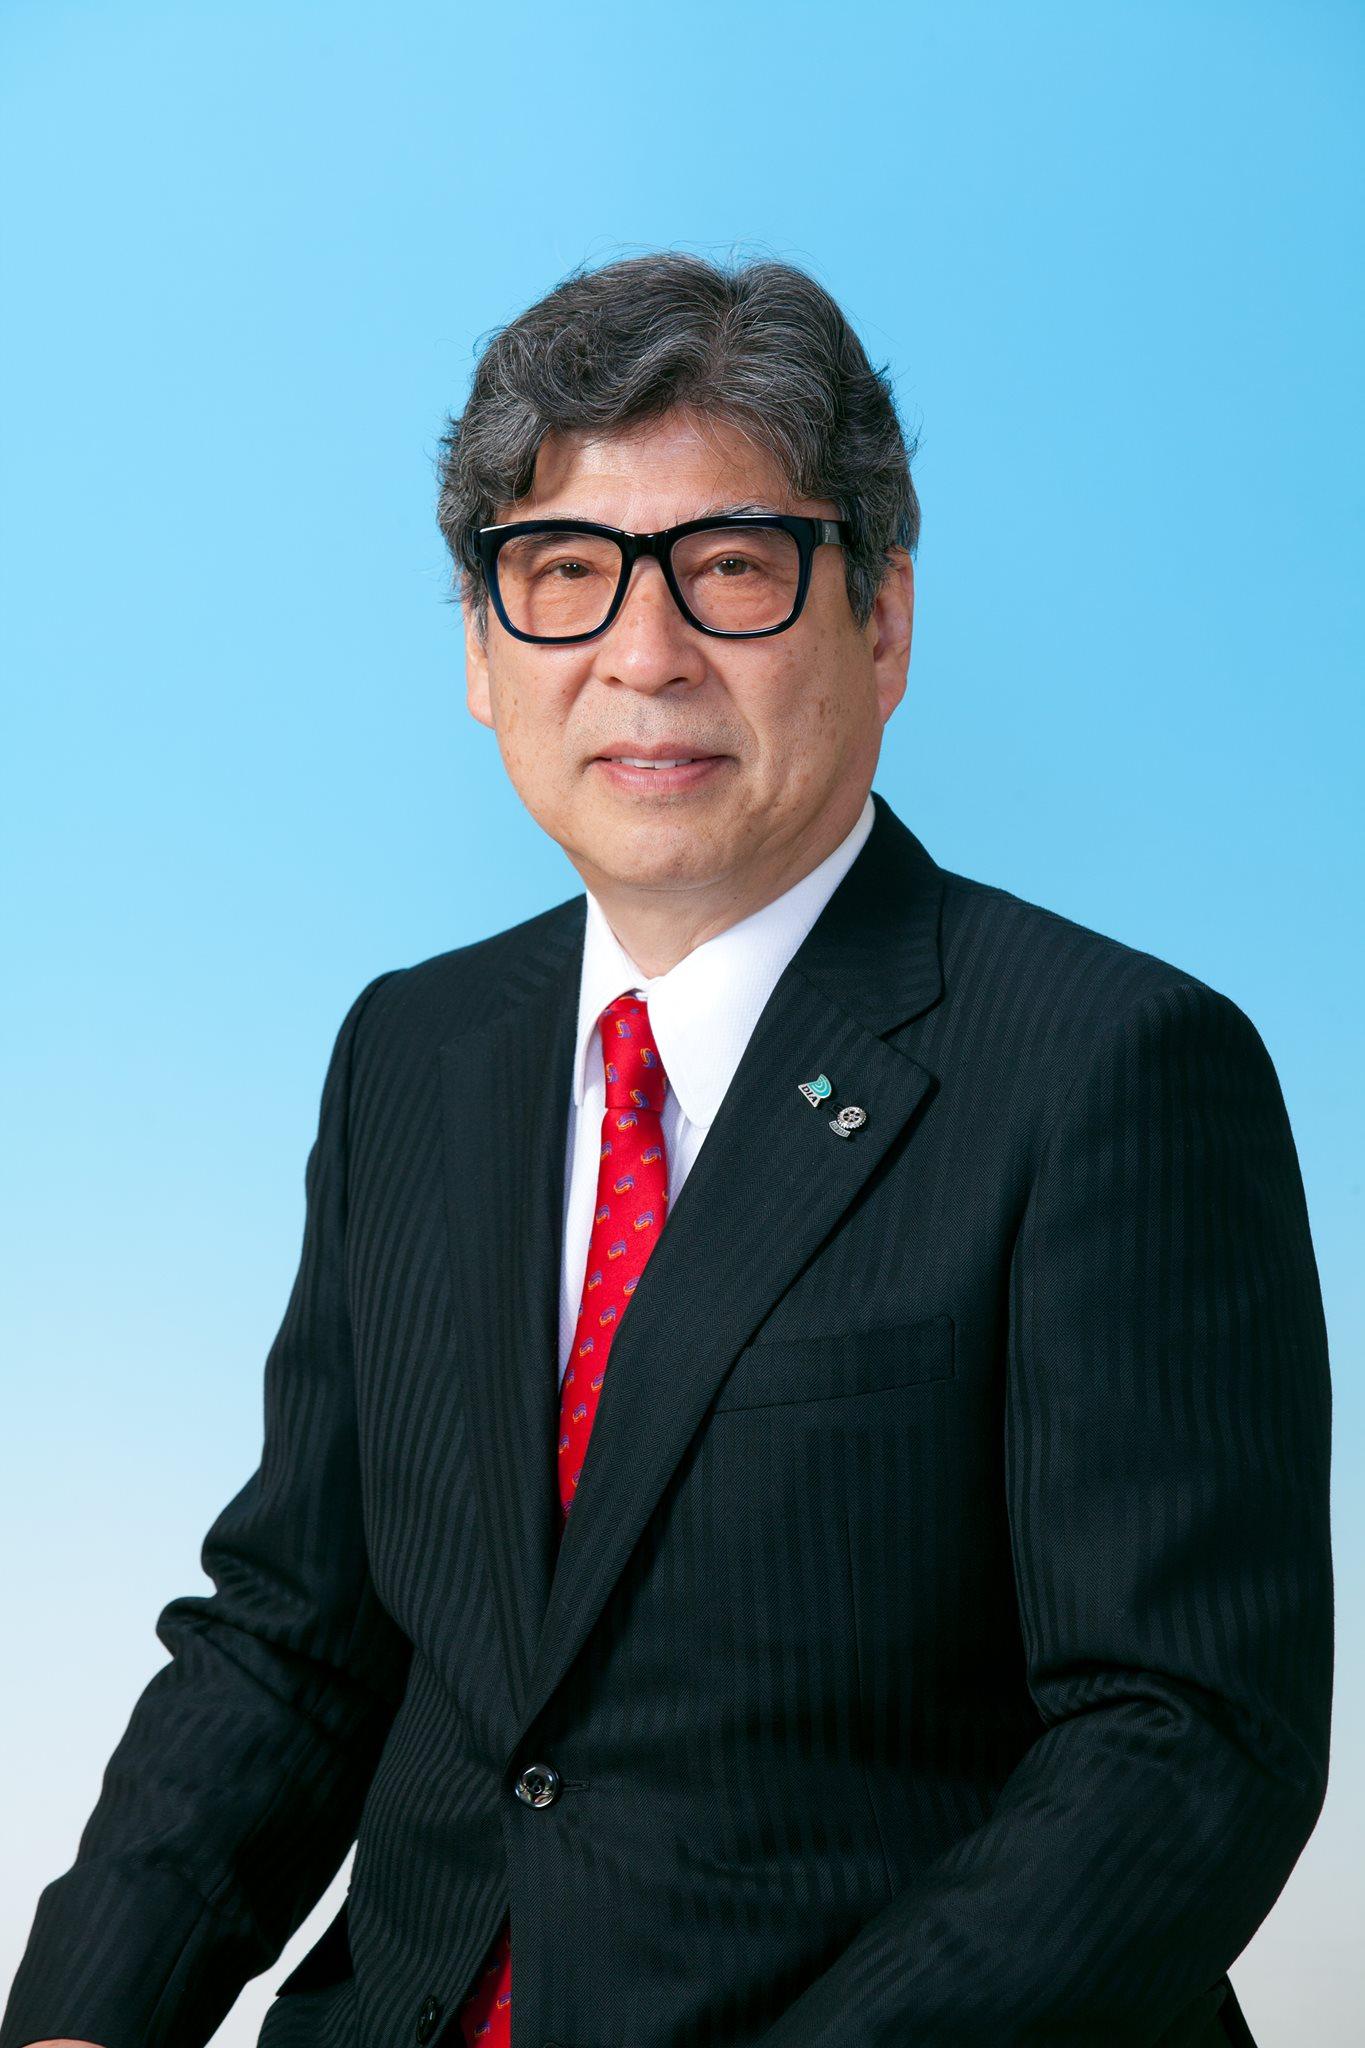 2017-2018年度会長 守金 眞滋